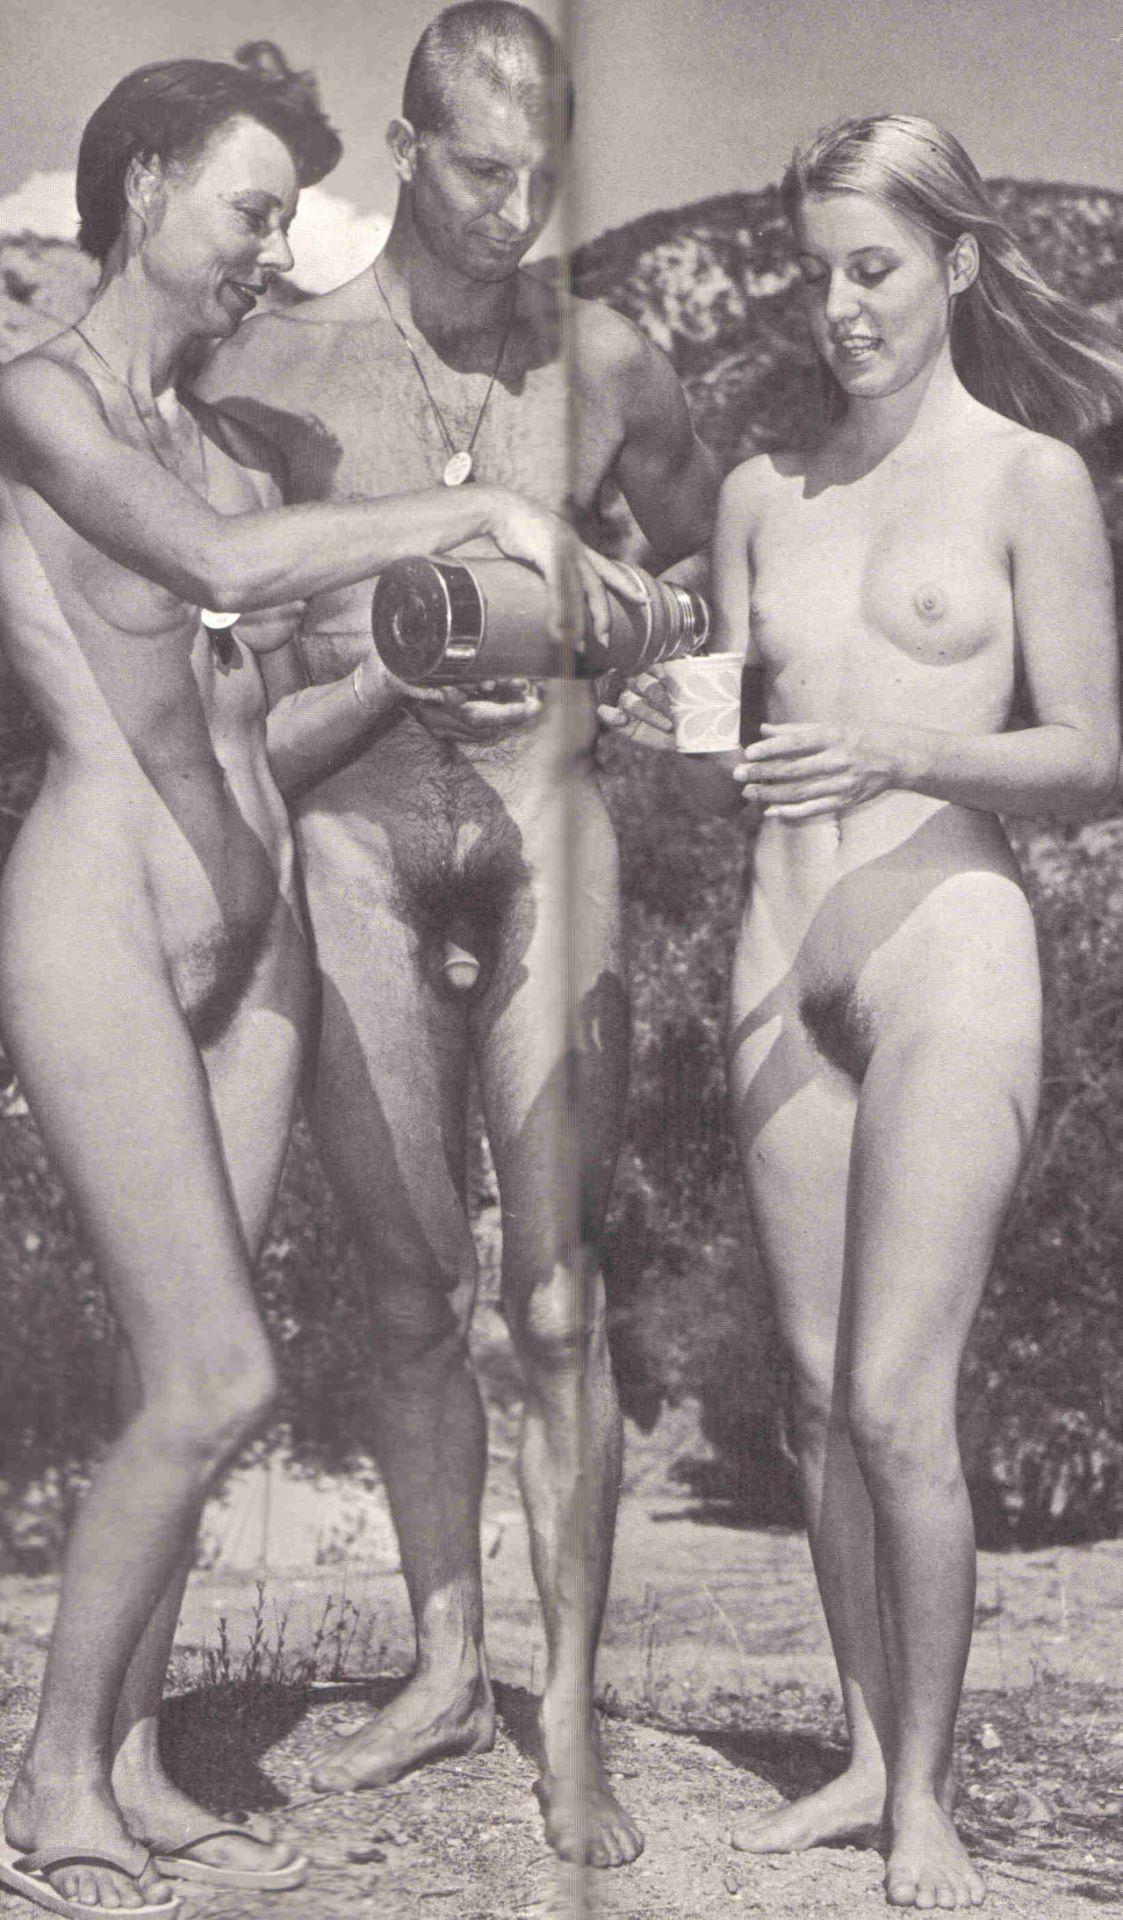 Tumblr nudist swingers